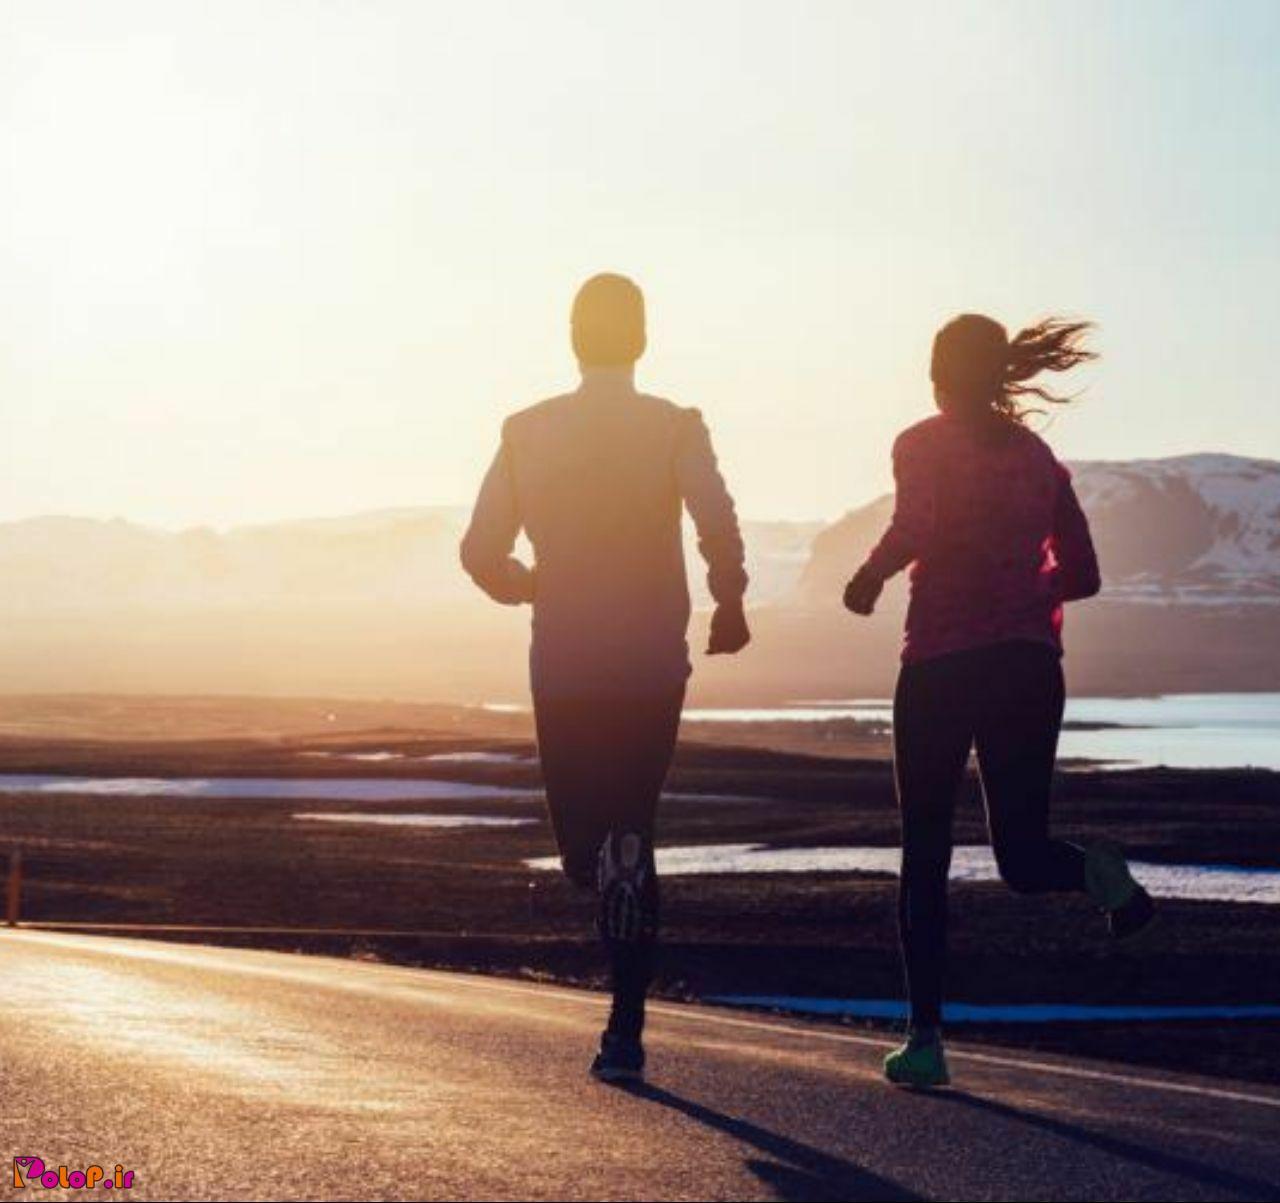 دویدن 🏃♂🏃♀ بیشتر از پیاده روی 🚶♂🚶♀ به کاهش وزن کمک می کند